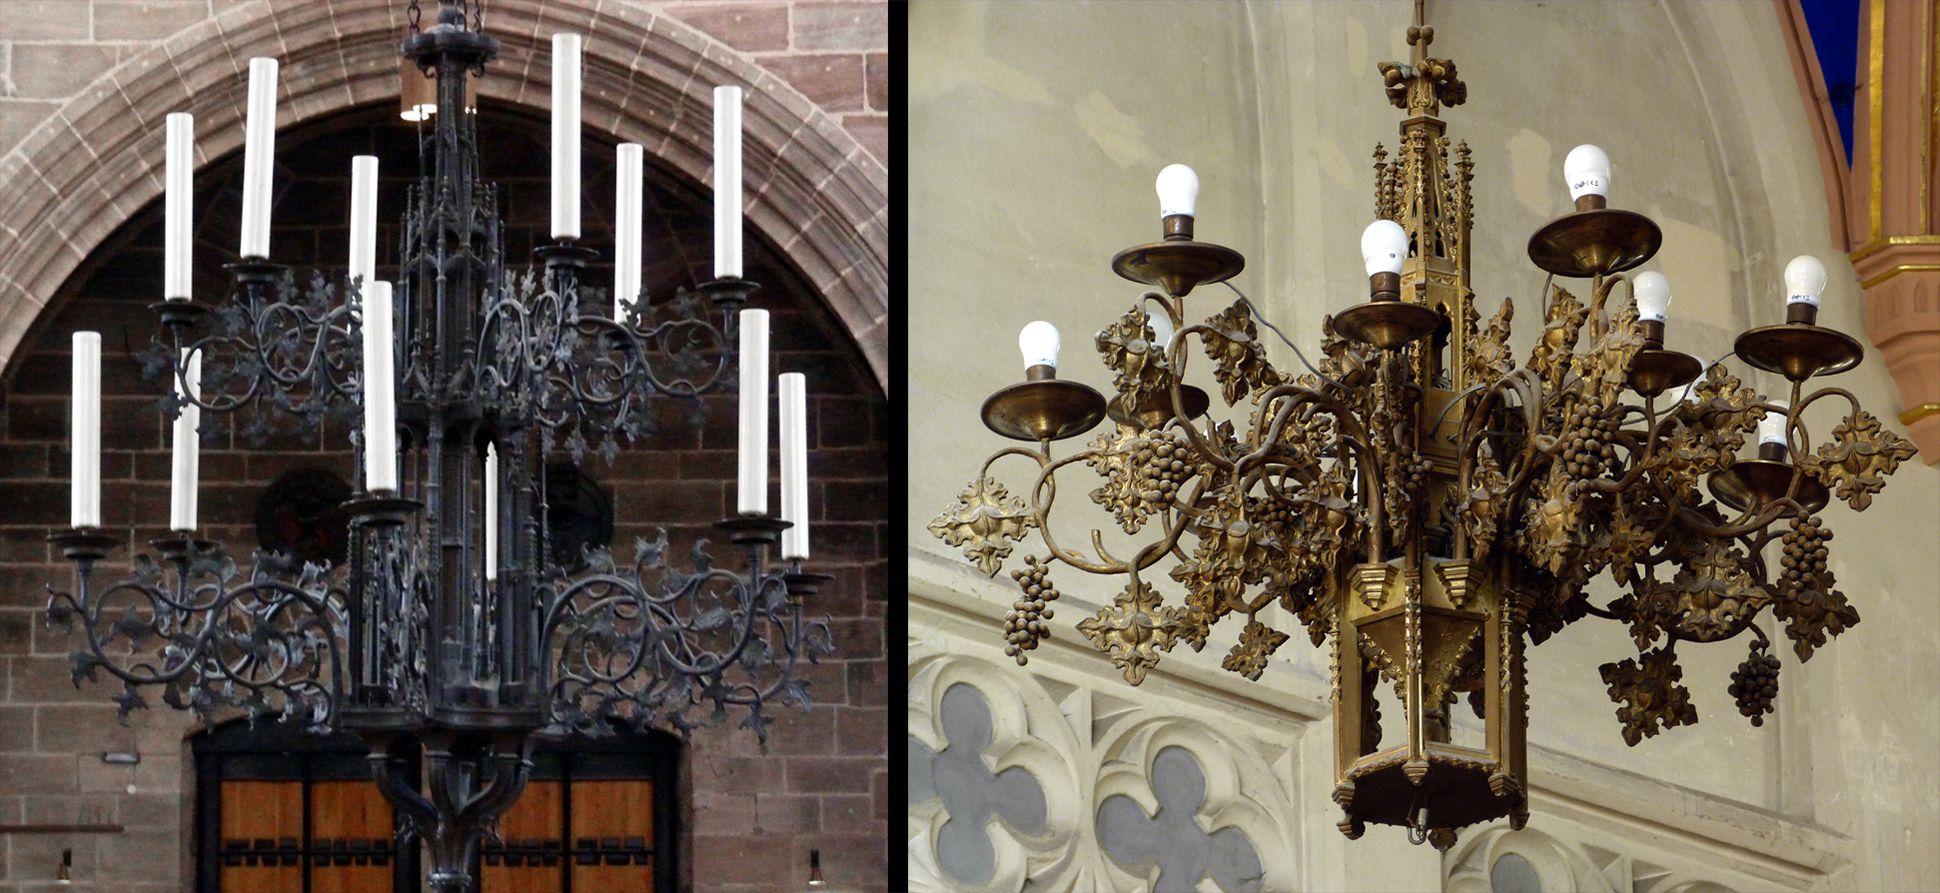 Parish Church St. Peter´s (Sonneberg) Comparison: Chandelier by Peter Vischer in St. Lorenz in Nuremberg and chandelier in Sonneberg